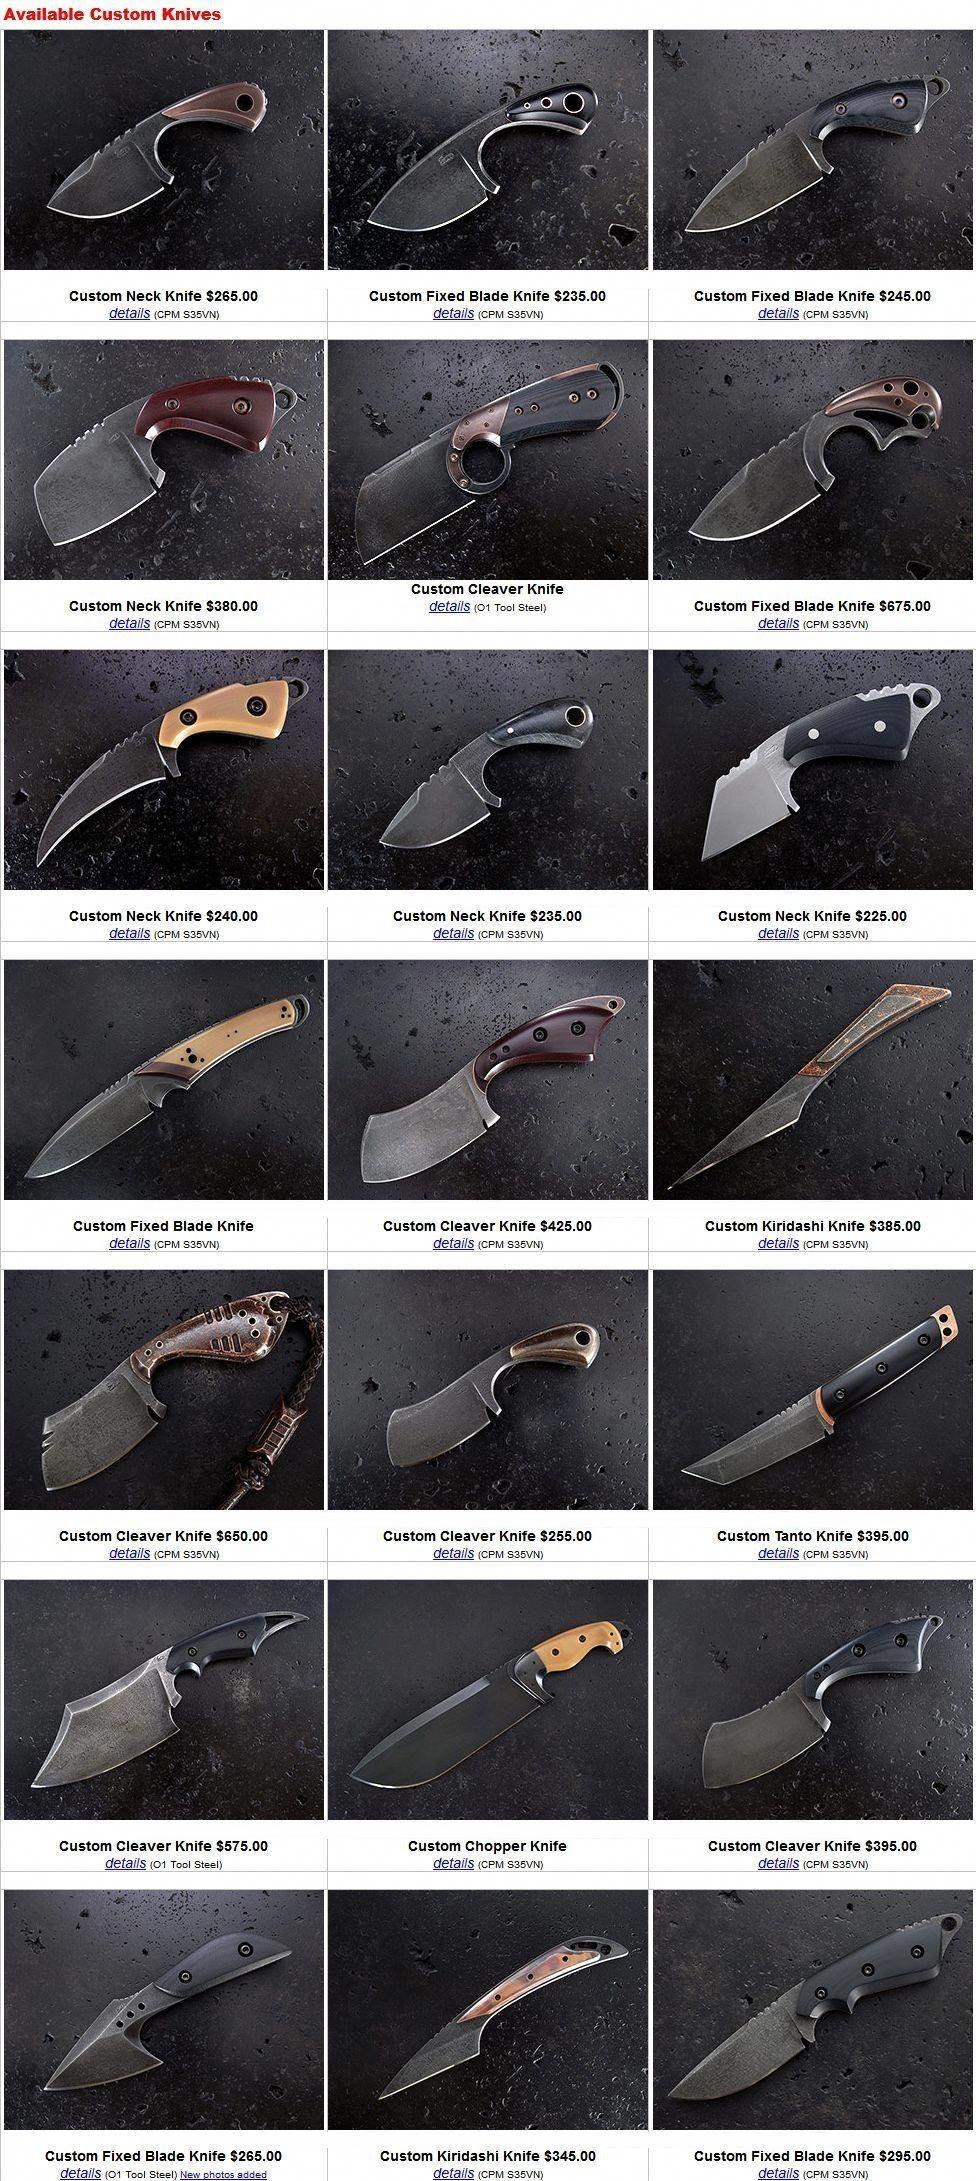 Knife Making As A Hobby Knifemaking Knife Sheath Knife Making Neck Knife